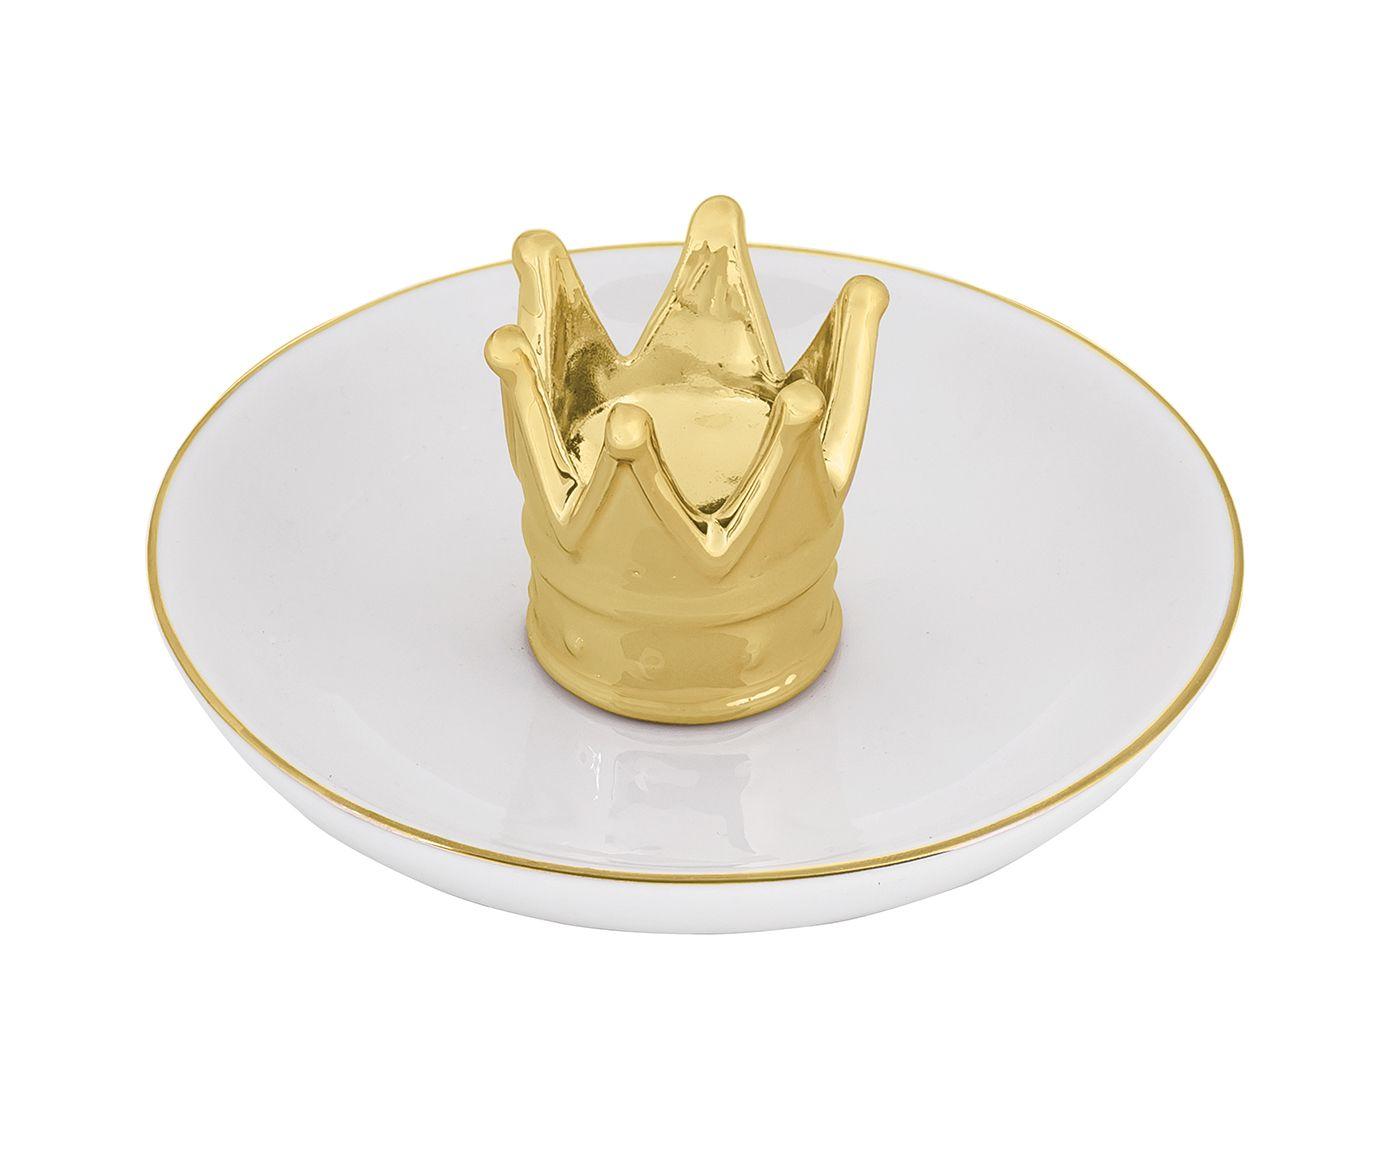 Prato para Joias Coroa Dourado - 12cm | Westwing.com.br